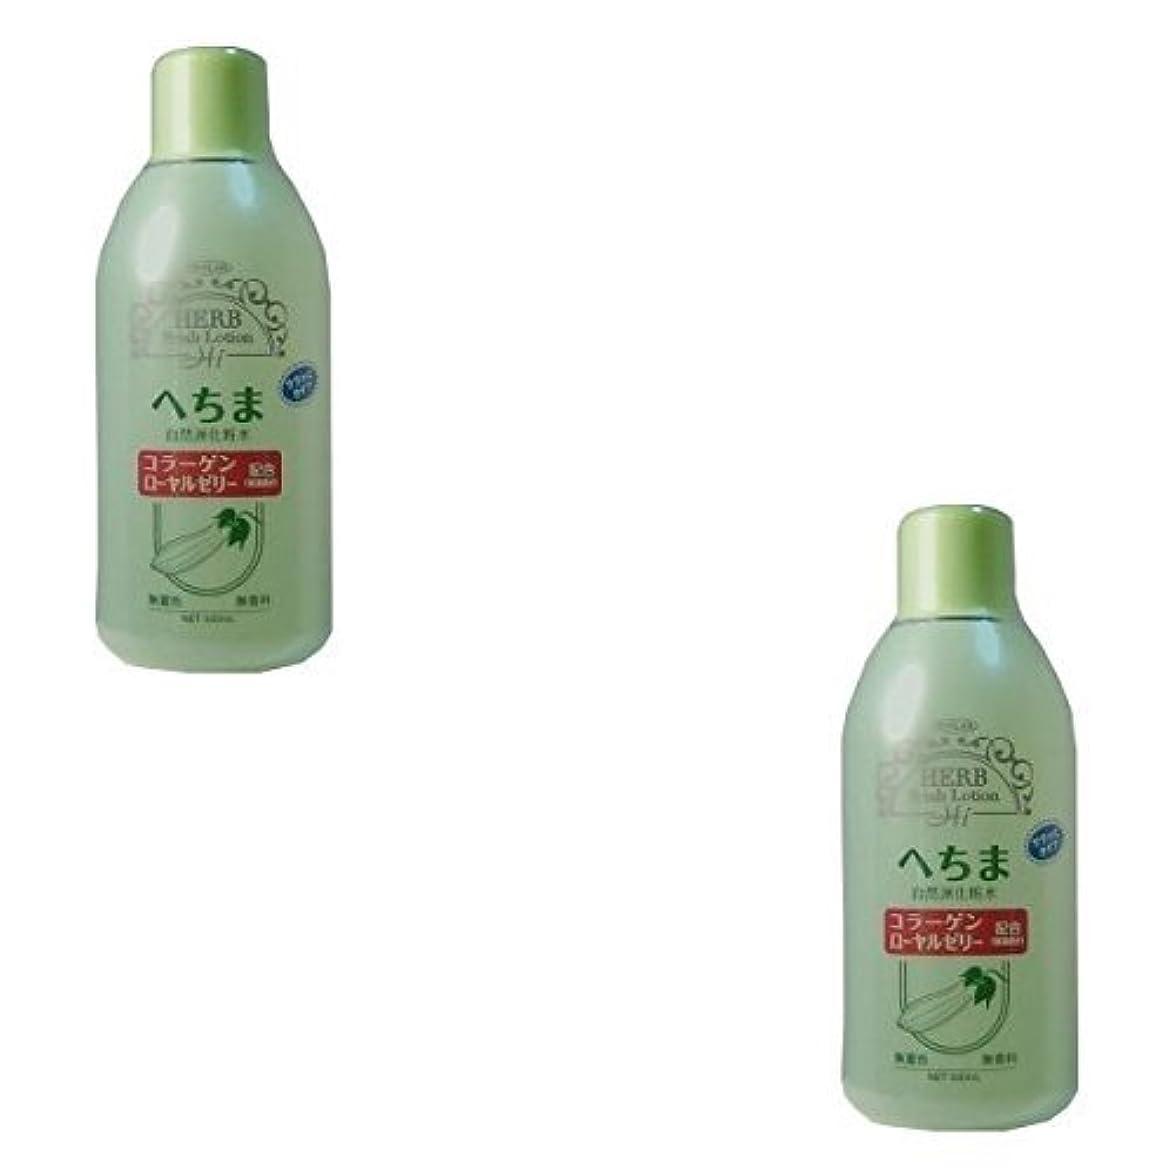 強大なスカリー恵み【まとめ買い】トプラン へちま化粧水 500ml【×2個】